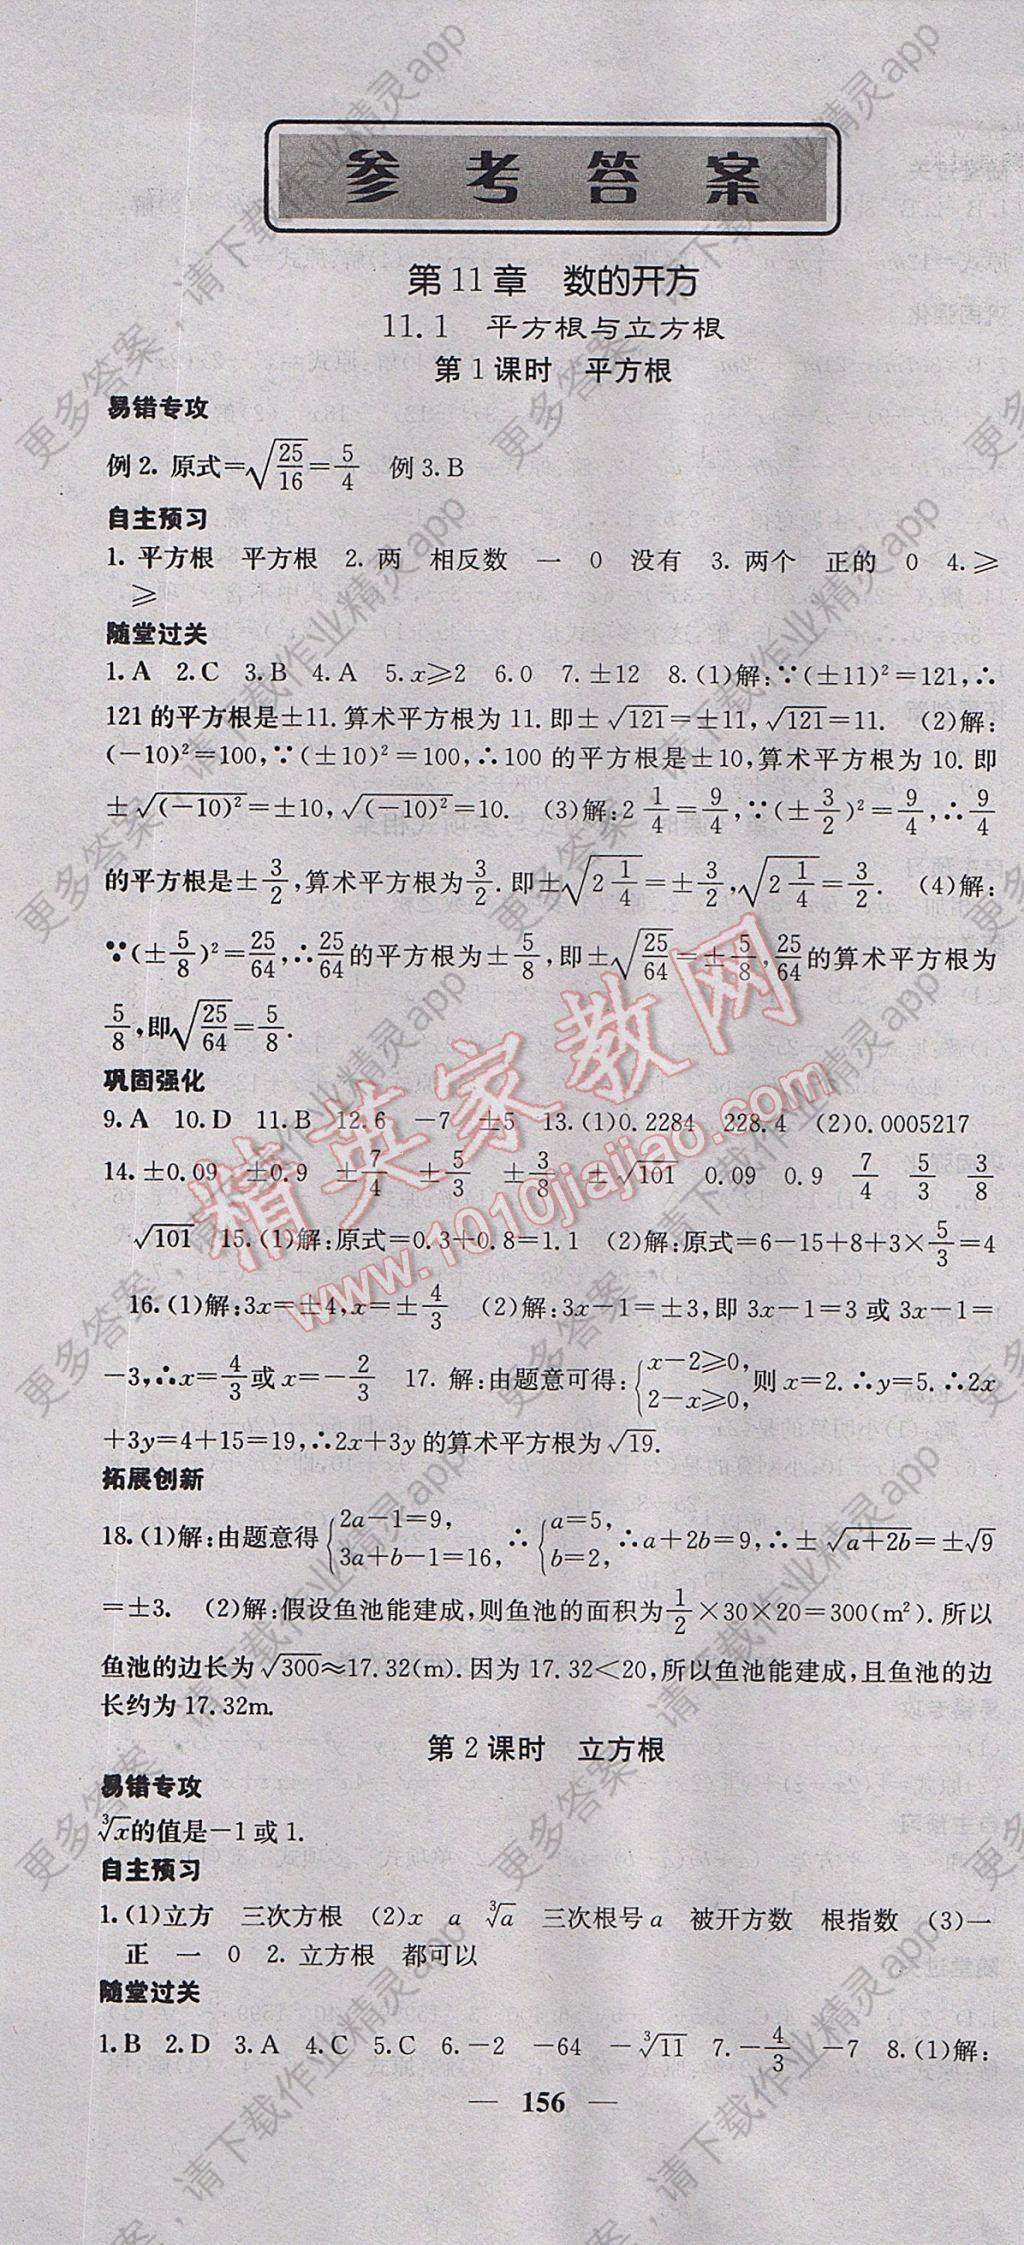 2017年课堂点睛八年级数学上册华师大版 参考答案第1页